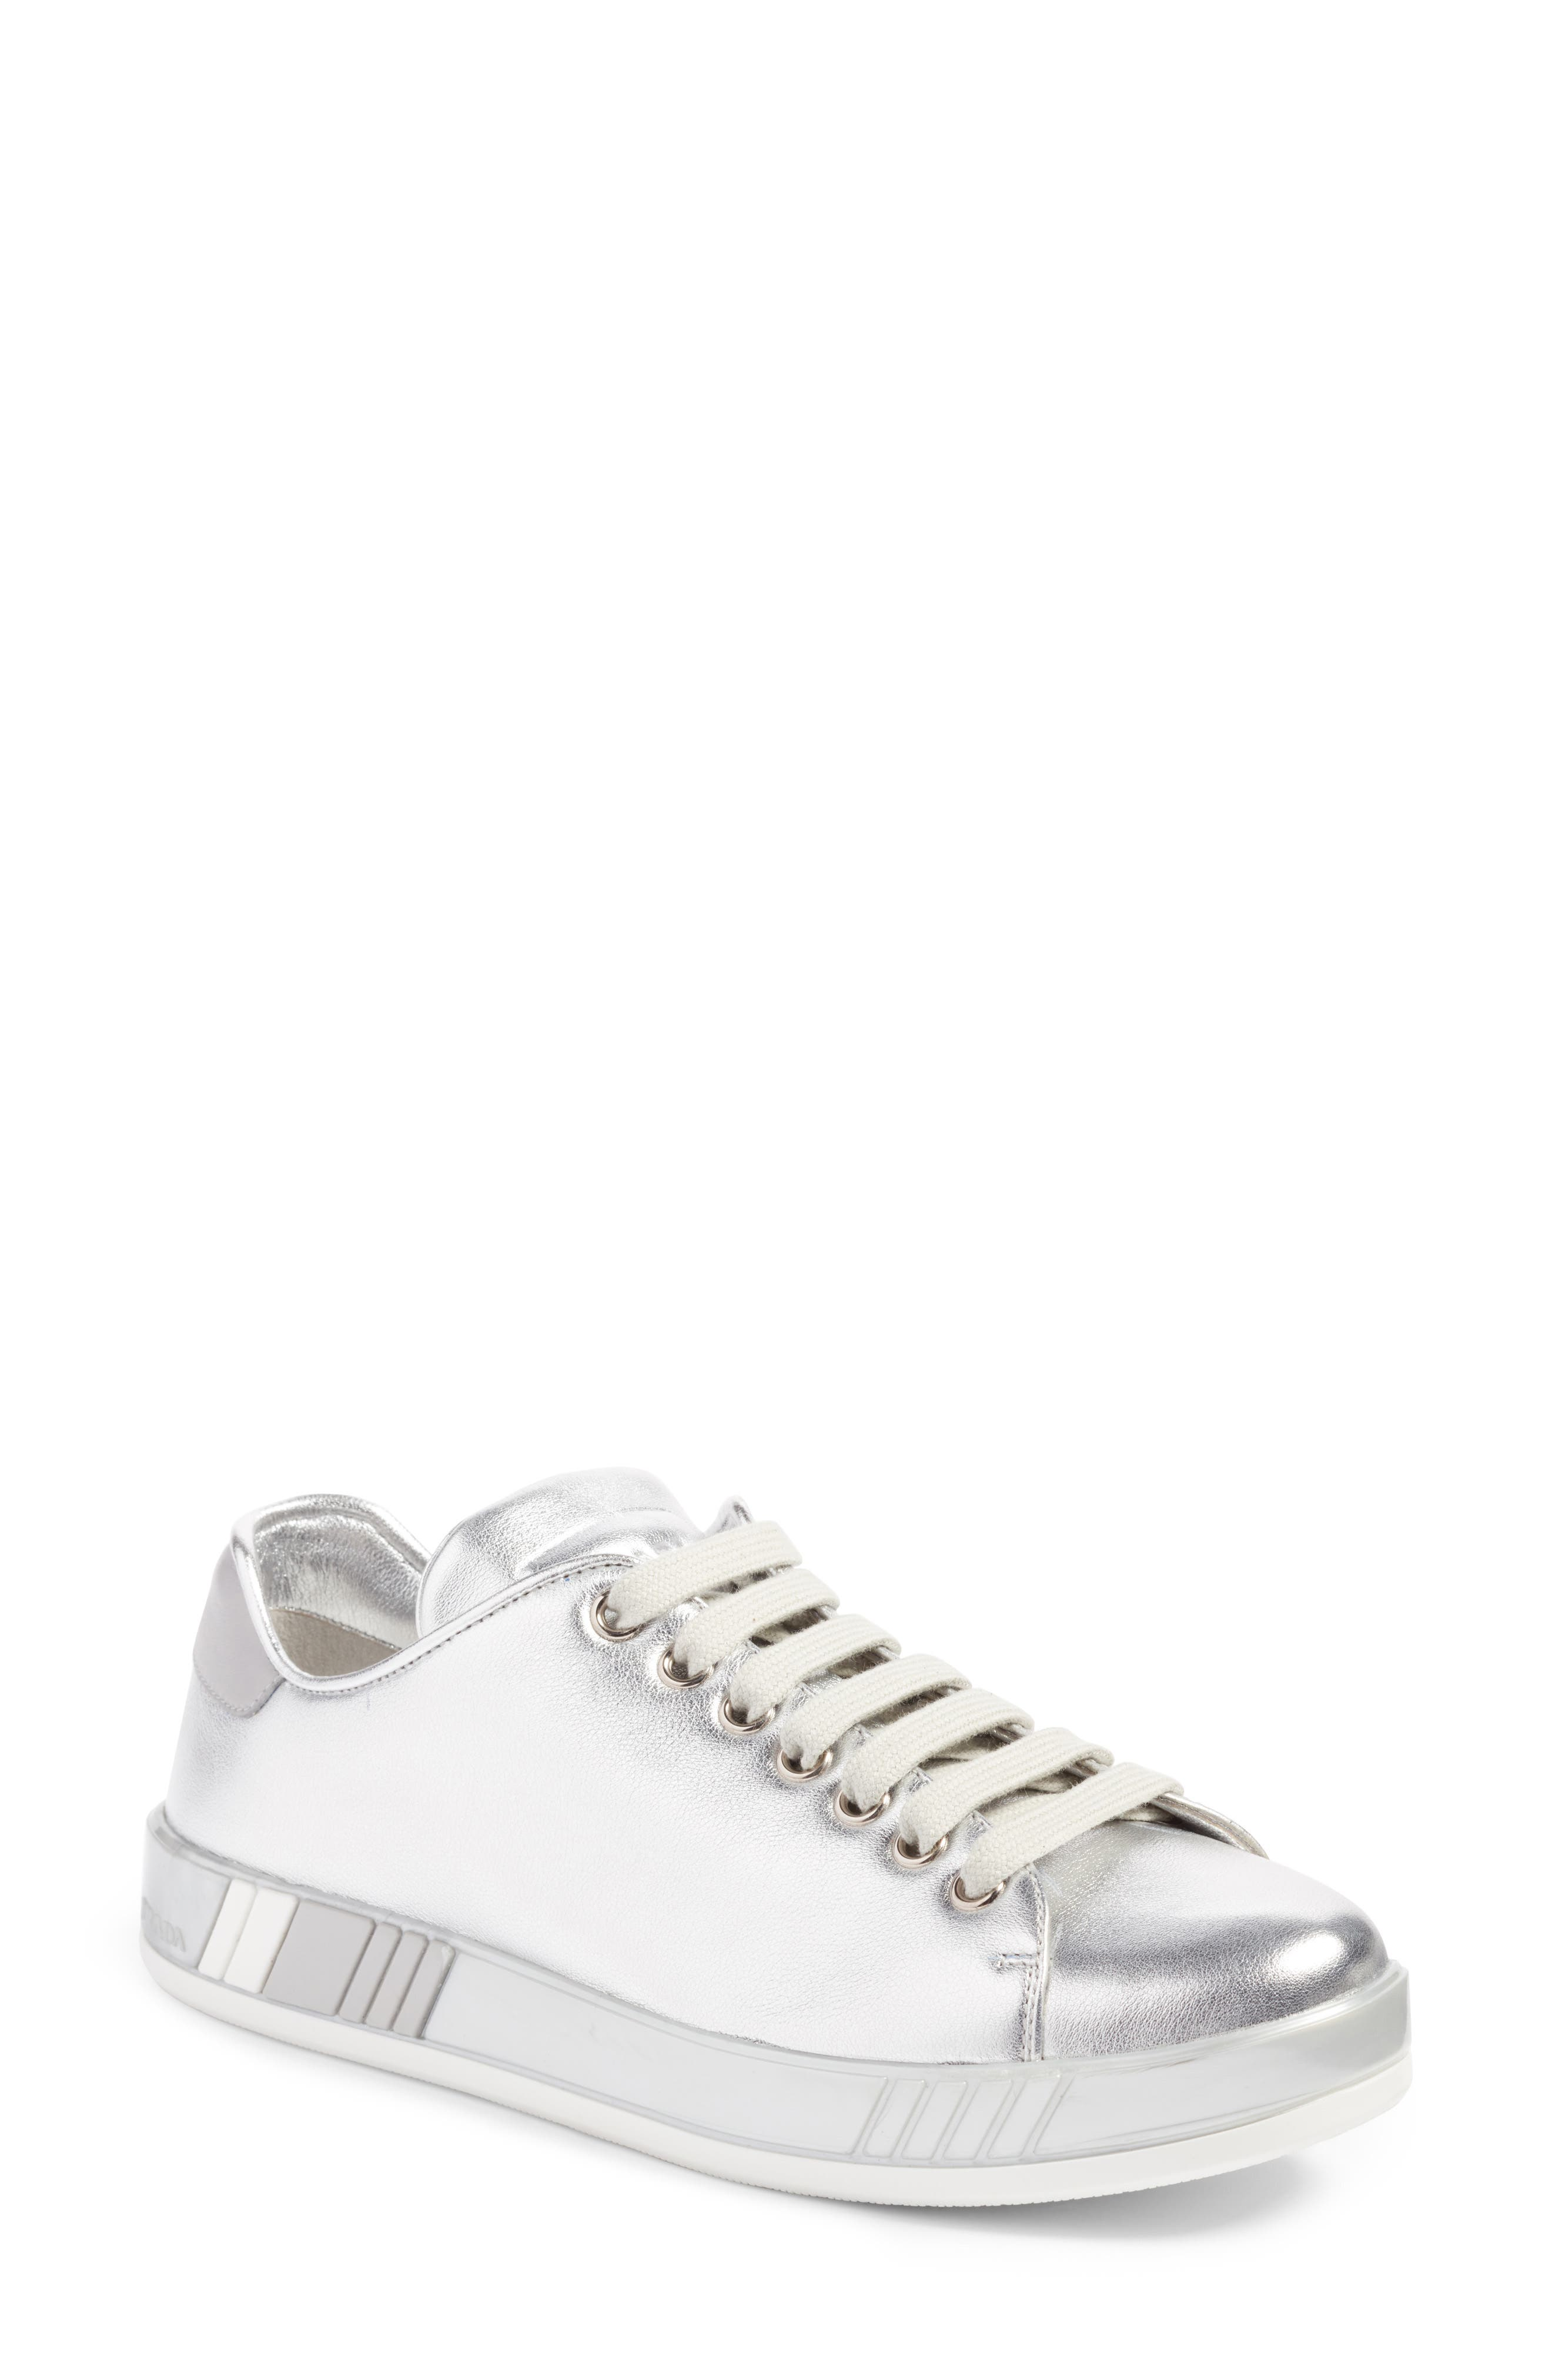 Alternate Image 1 Selected - Prada Low Top Sneaker (Women)